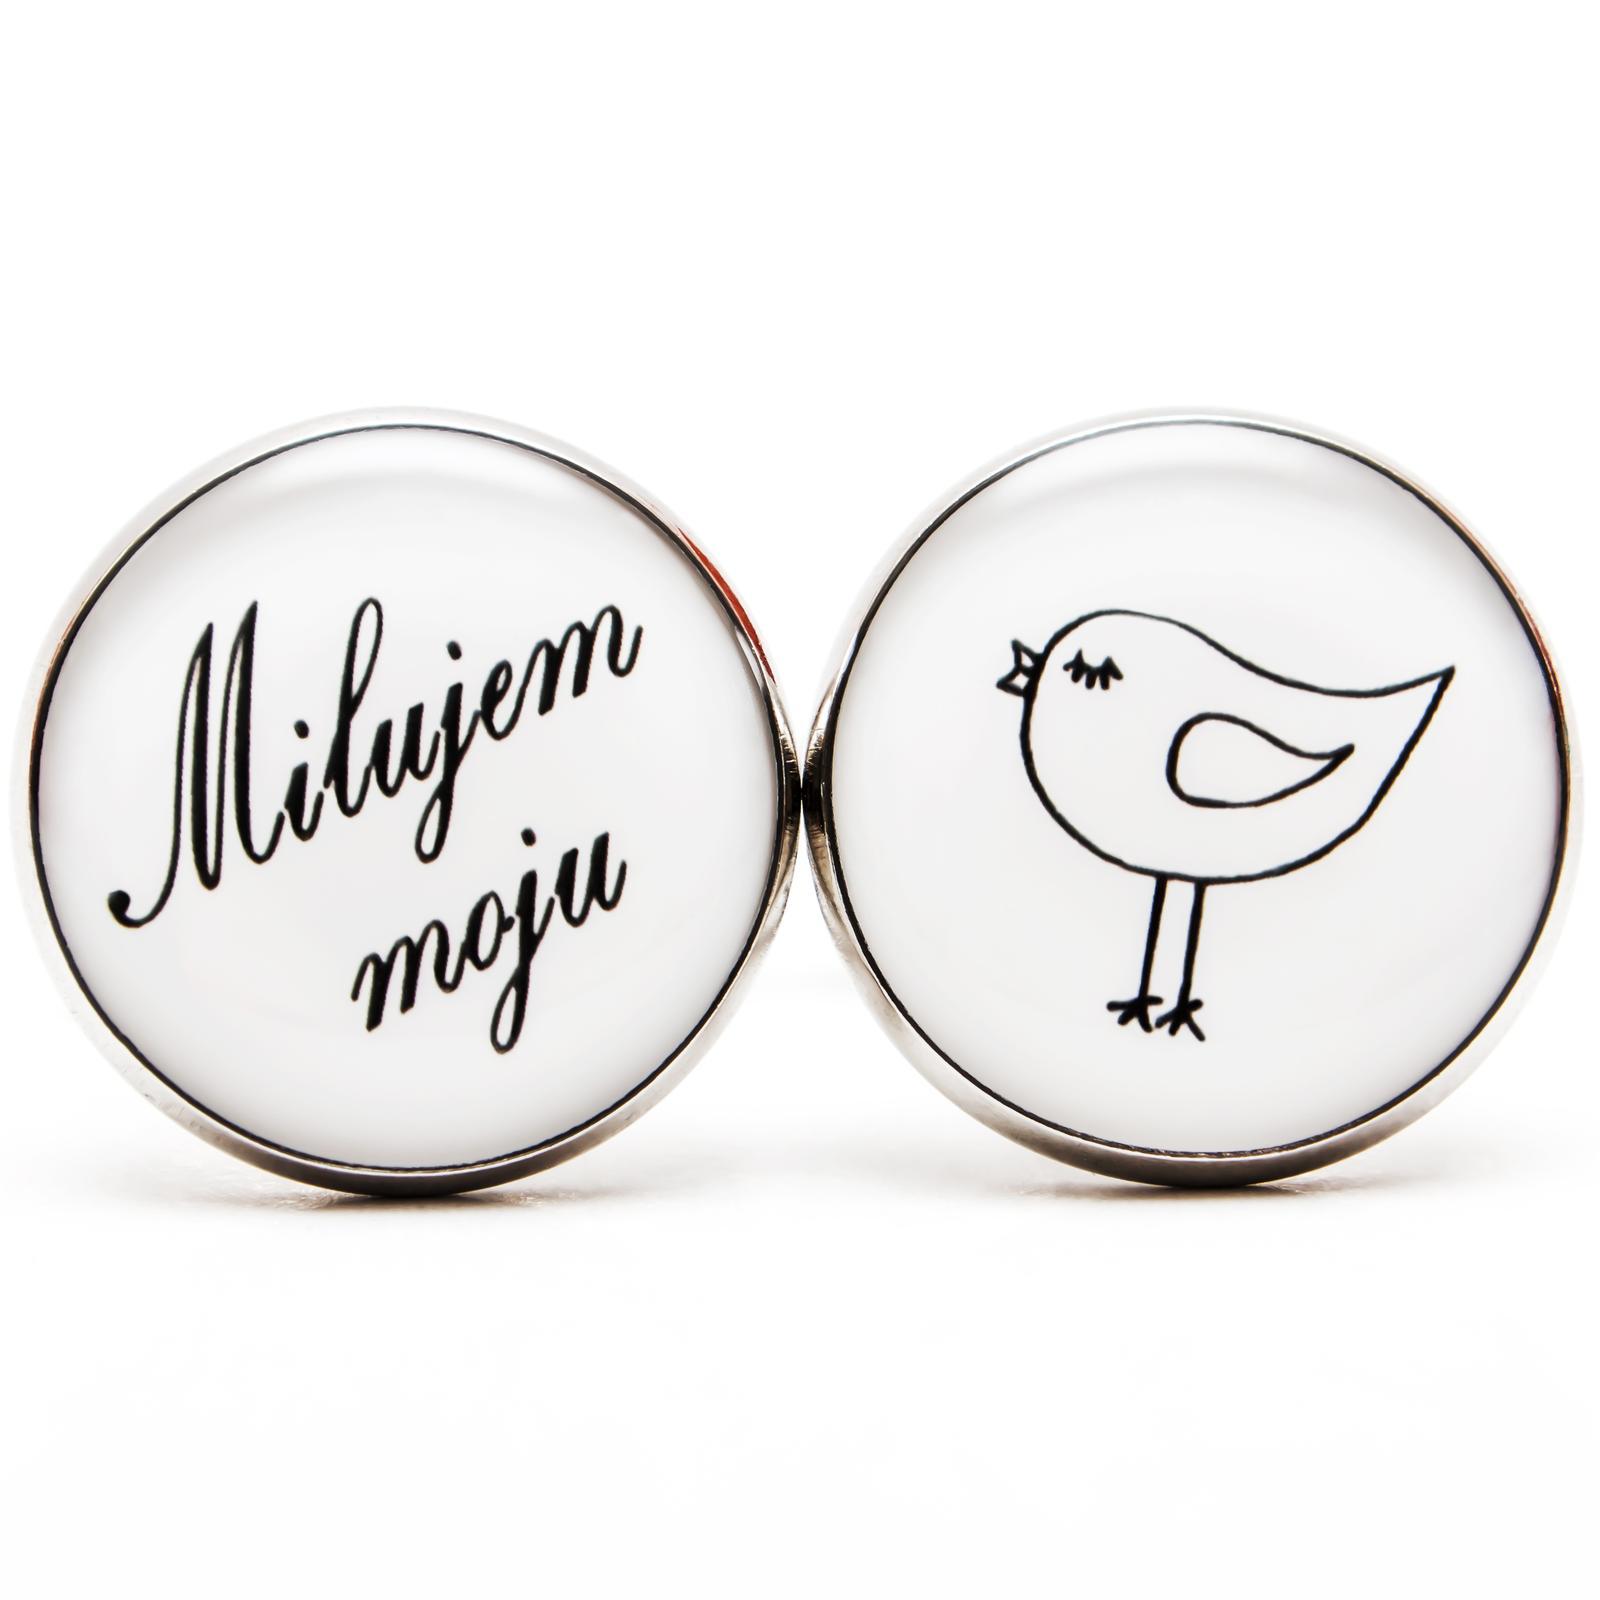 ♥  Manžetové gombíky na mieru - presne podľa Tvojich predstáv ♥ - Milujem moju holubičku